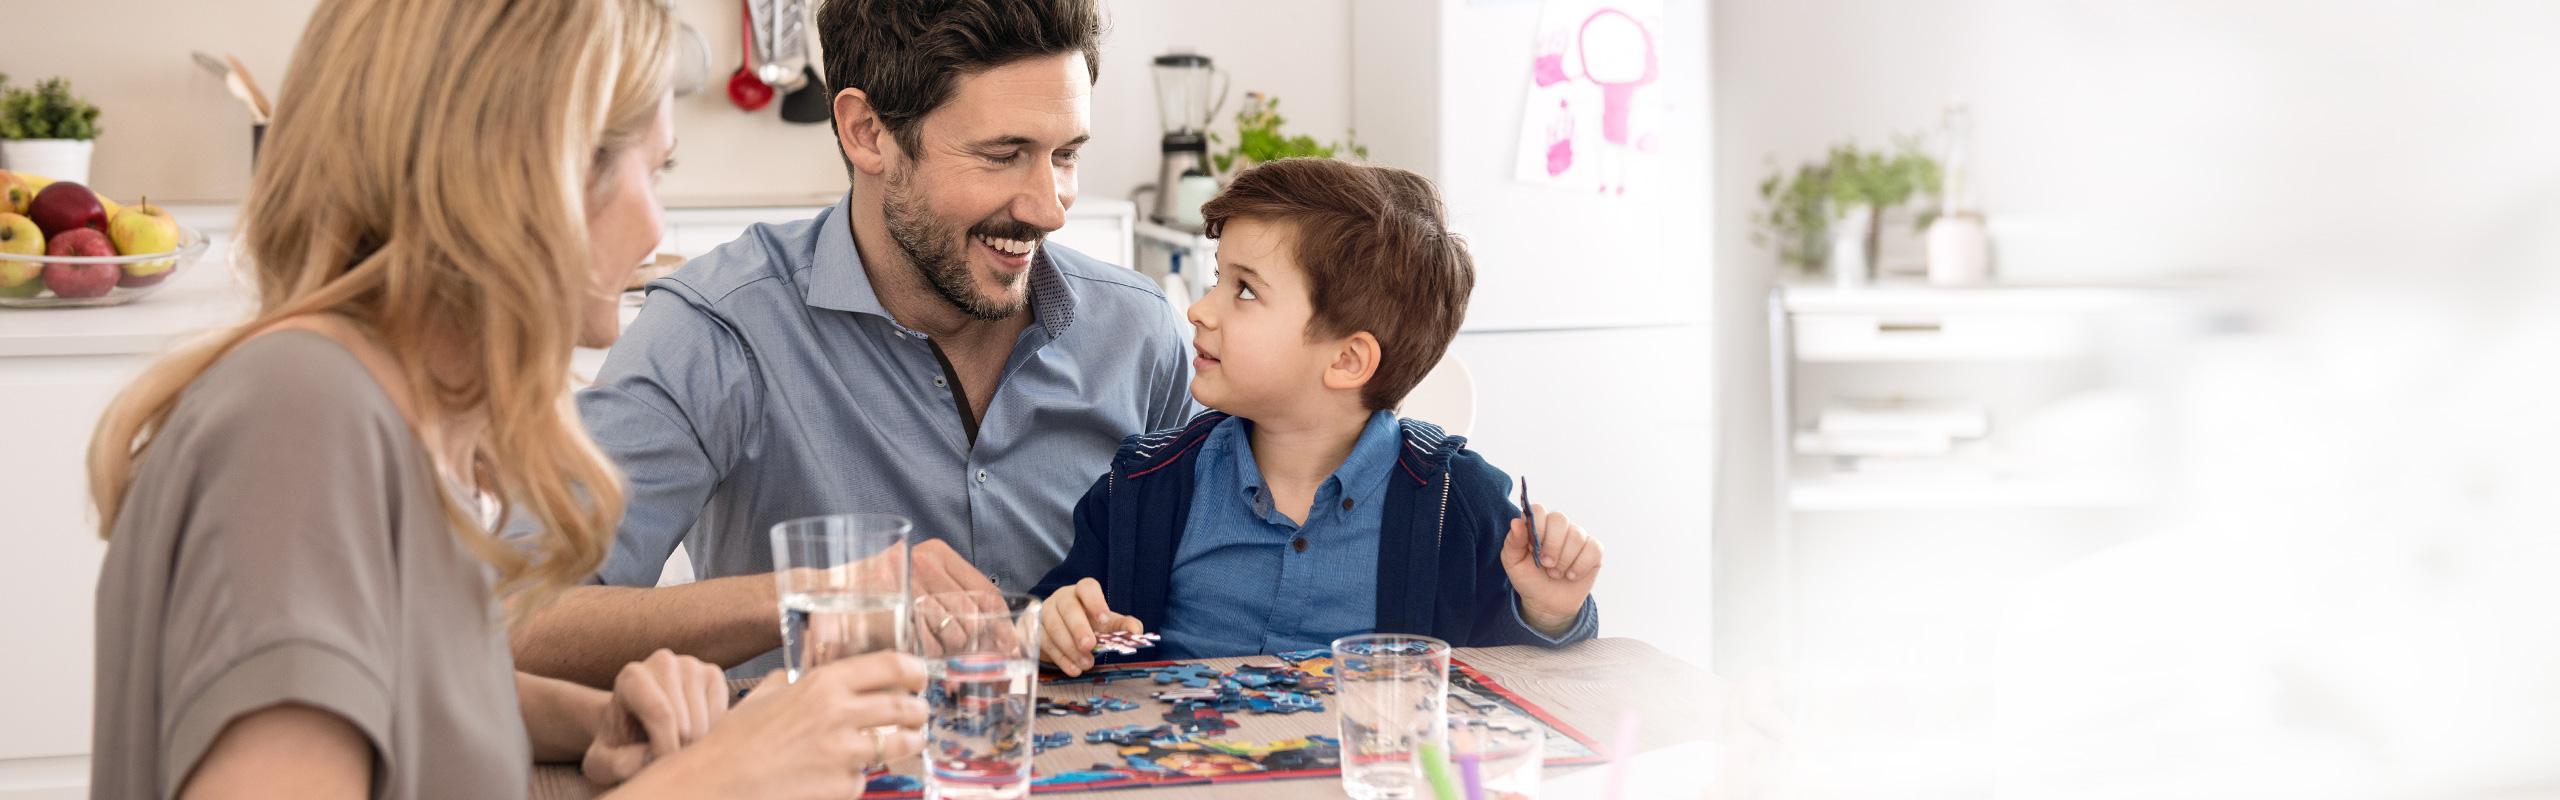 BRITA Wasserfilter/Kartuschen: frohe Familie